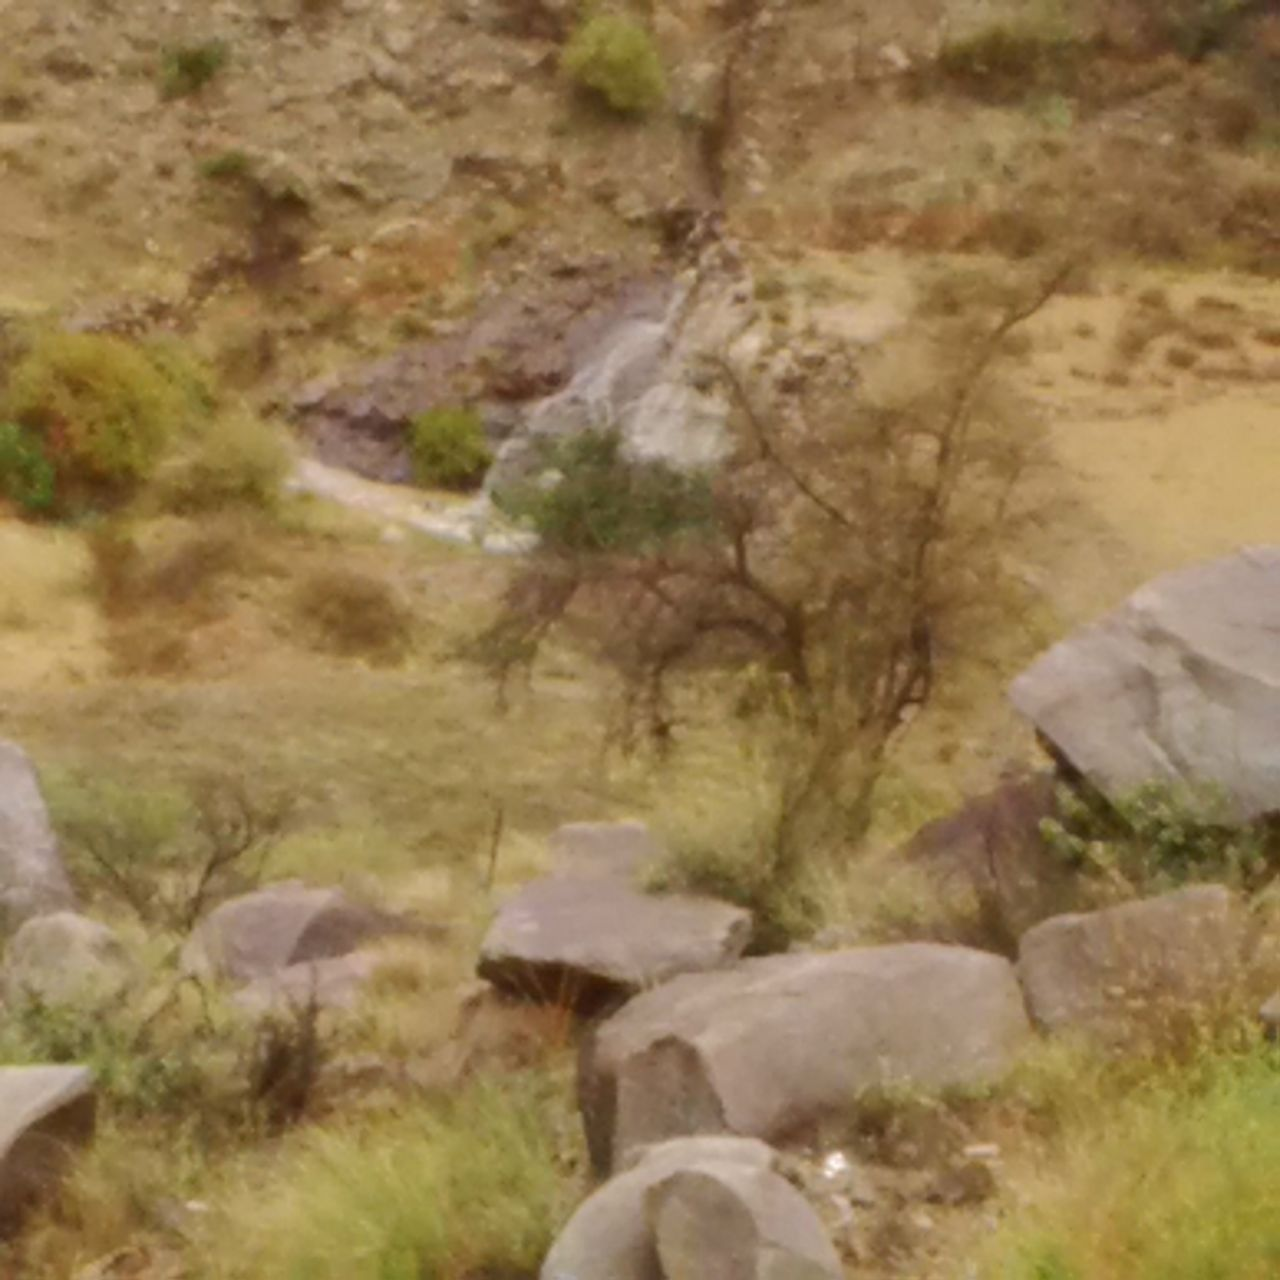 من امطار بني مالك على قري شوقب اليوم السبت 1437/6/24 CfDvi0cWwAI_9KL